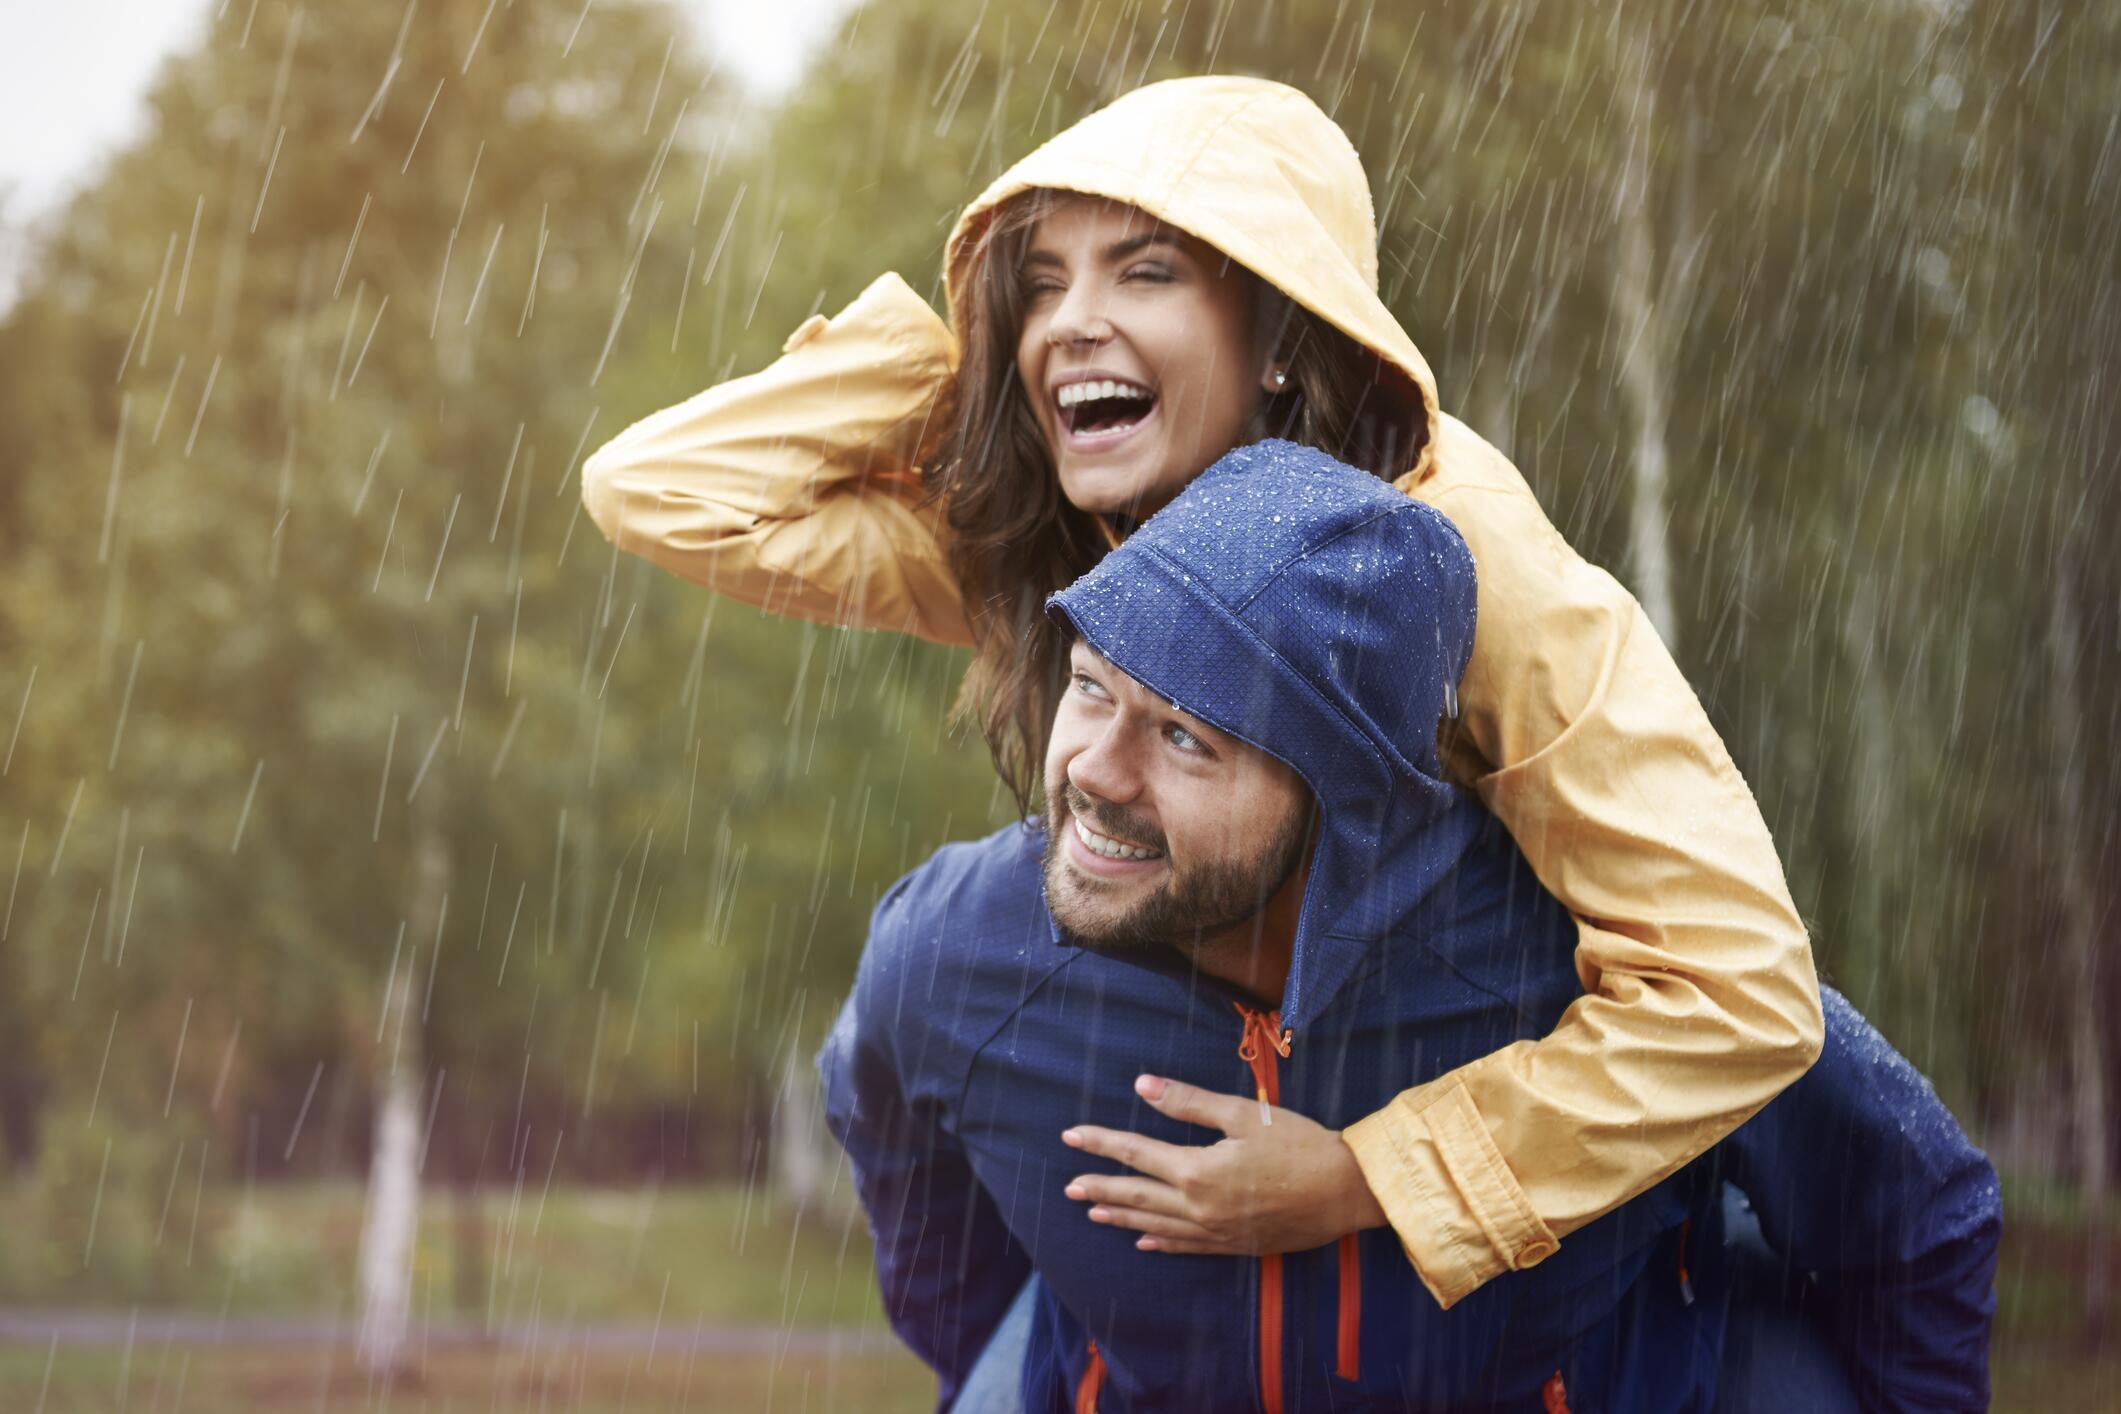 Bild zu thermokissen, gummistiefel, ausstattung, outdoor, Erwachsene, Wetter, Regen, Kleidung, wasserfest,